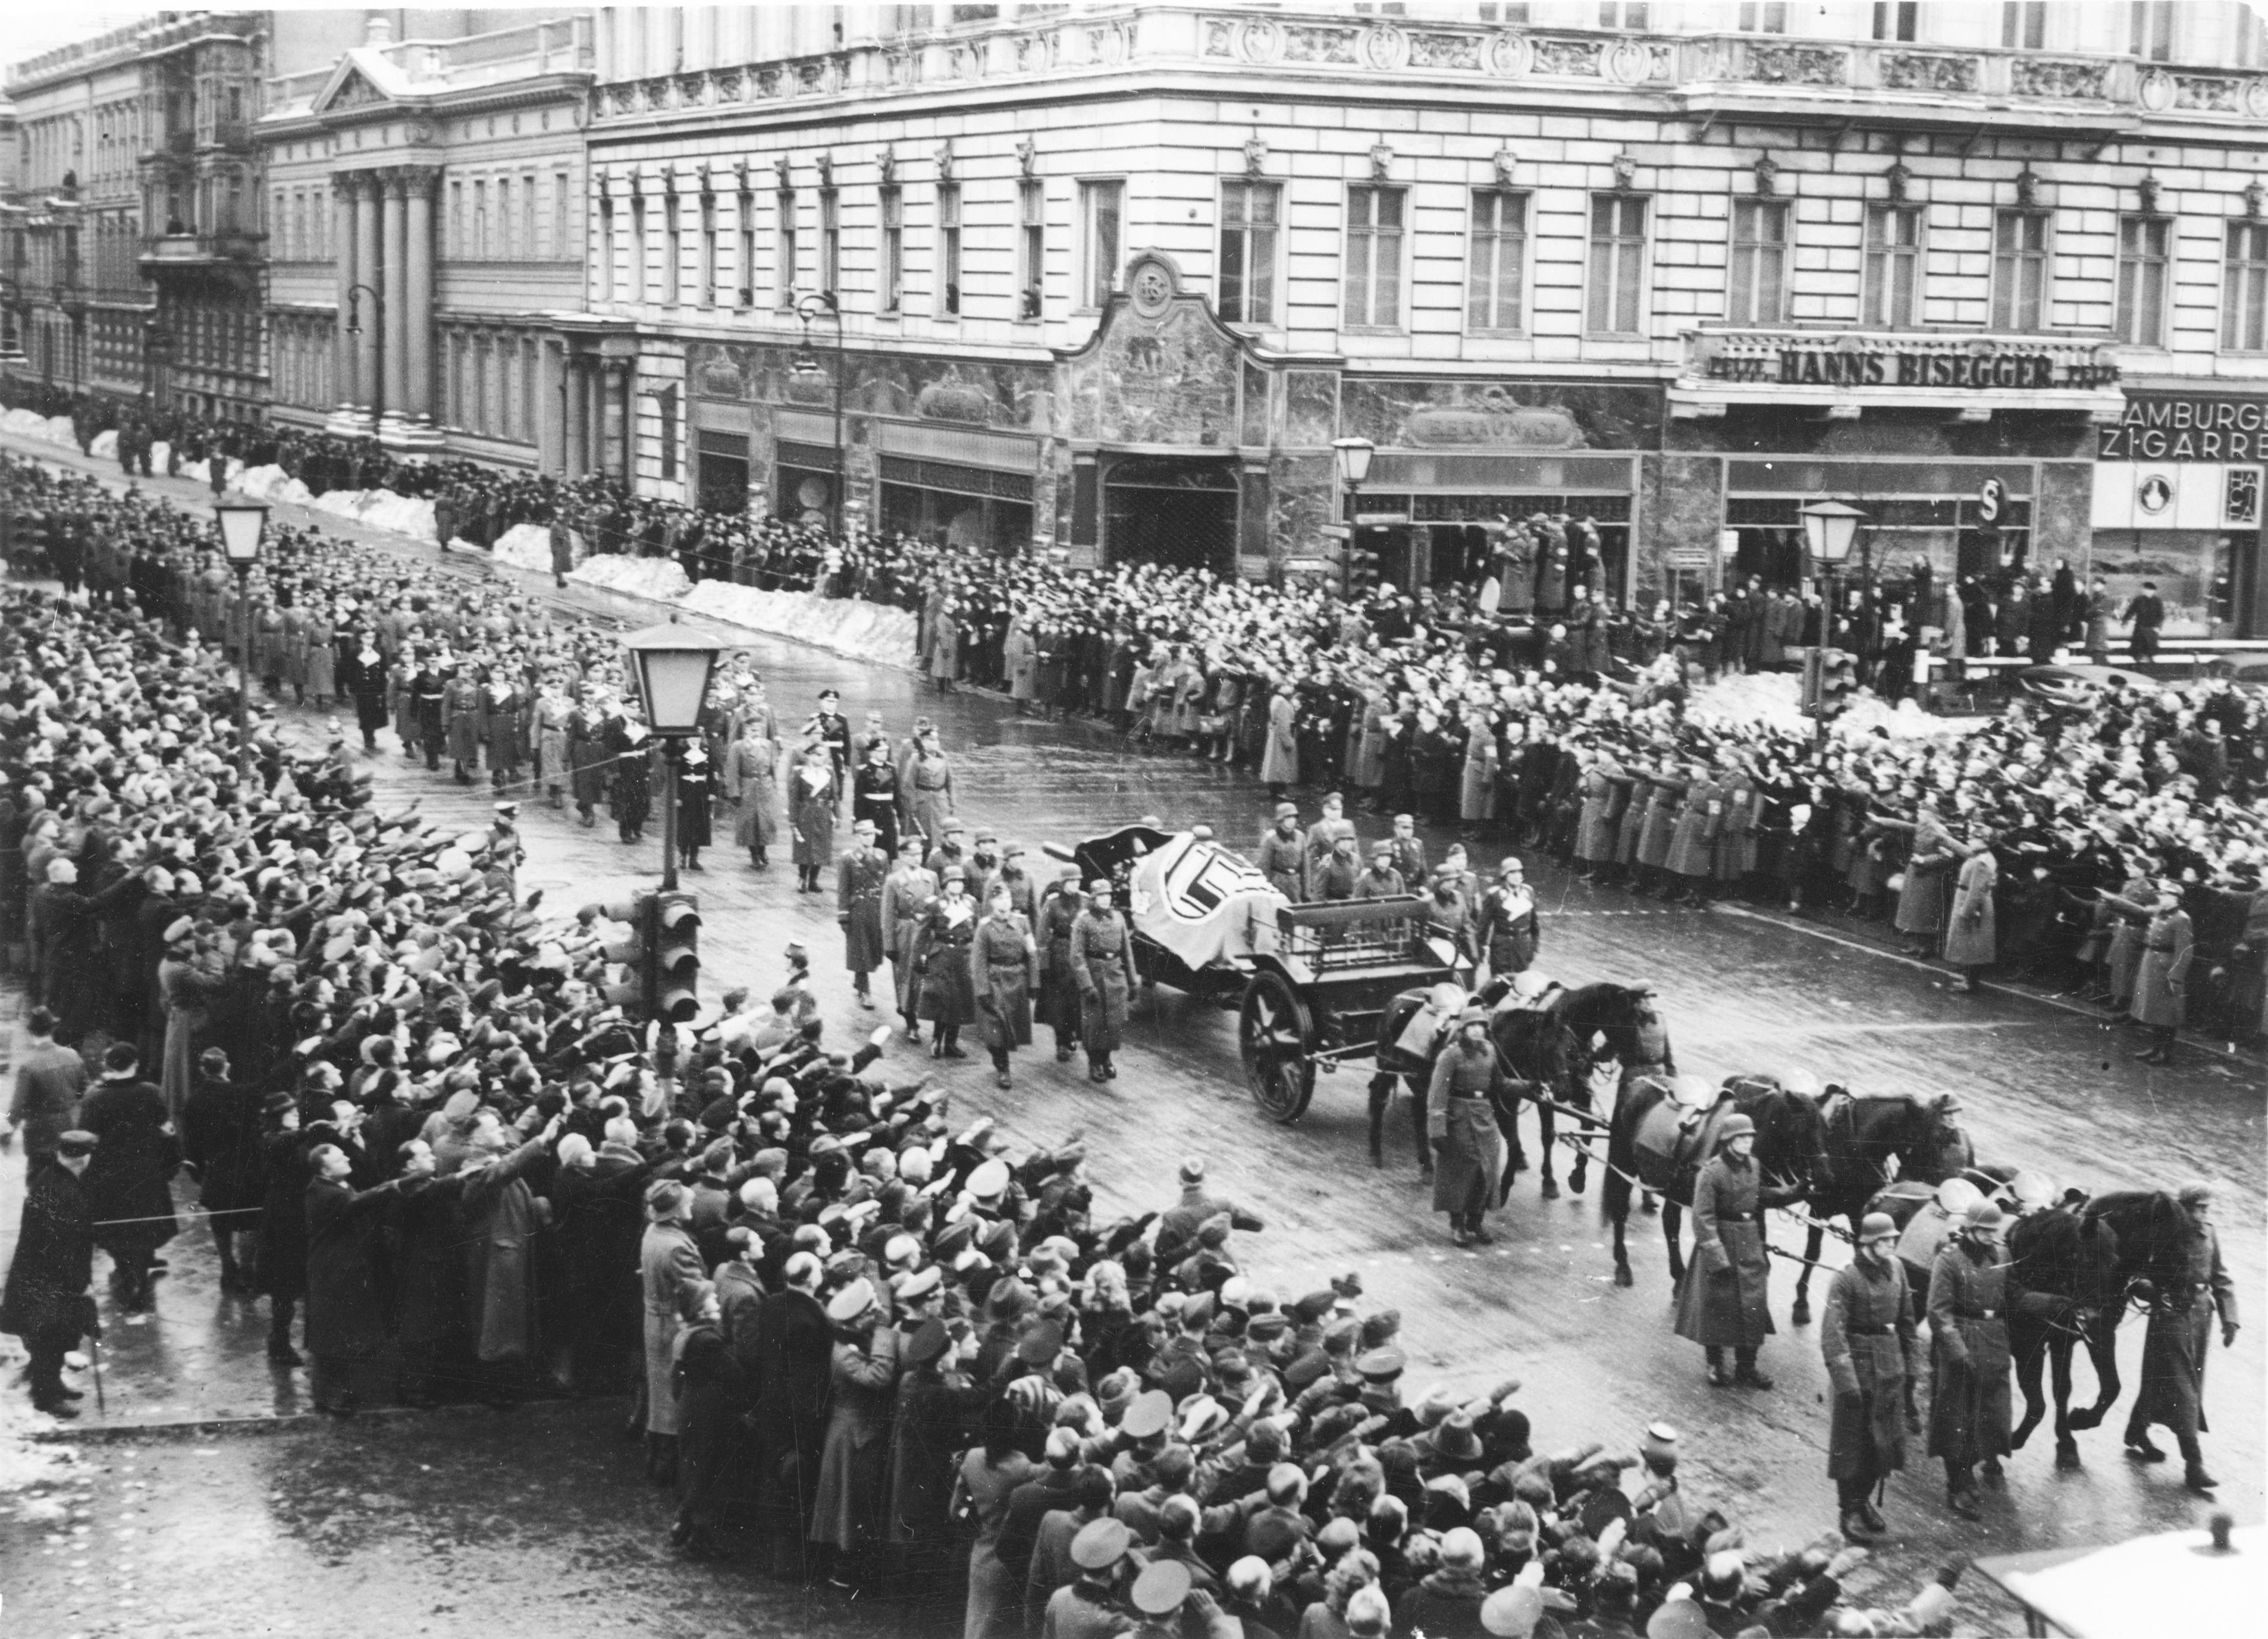 File:Bundesarchiv Bild 183-J00405, Berlin, Unter den Linden, Trauerzug für Fritz Todt.jpg